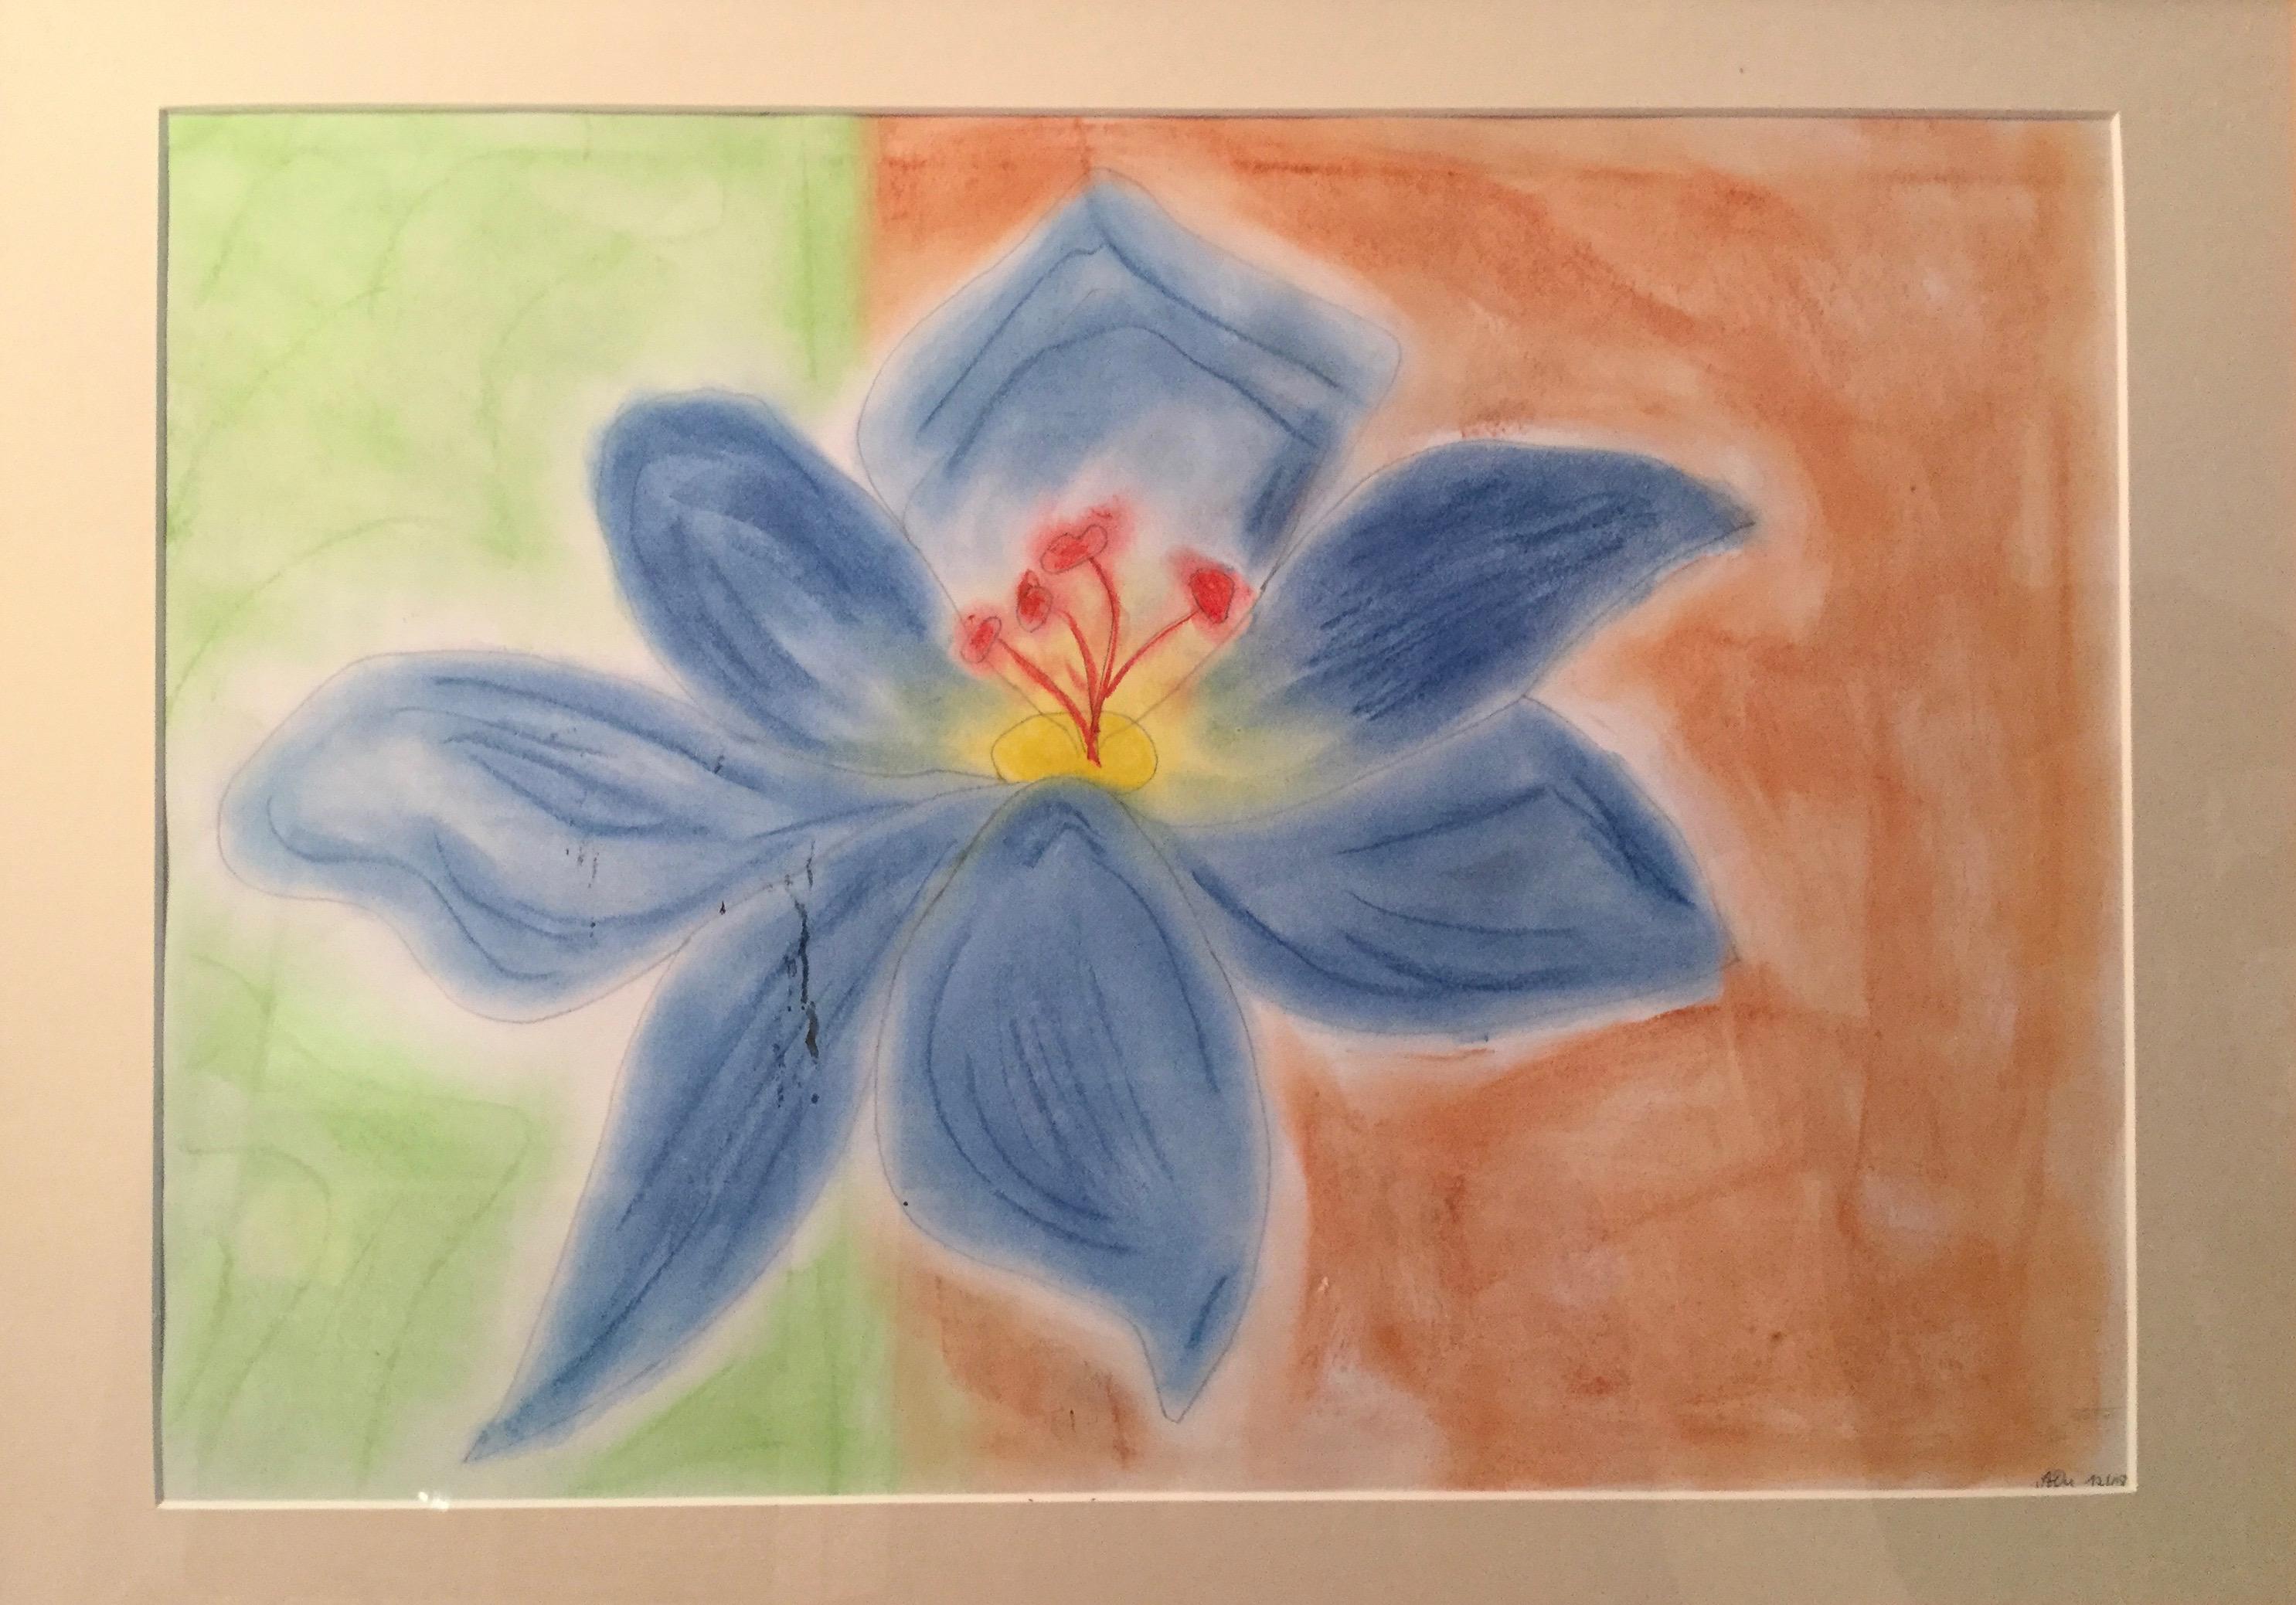 Blüte, Pastellkreide, 2008, imachd.